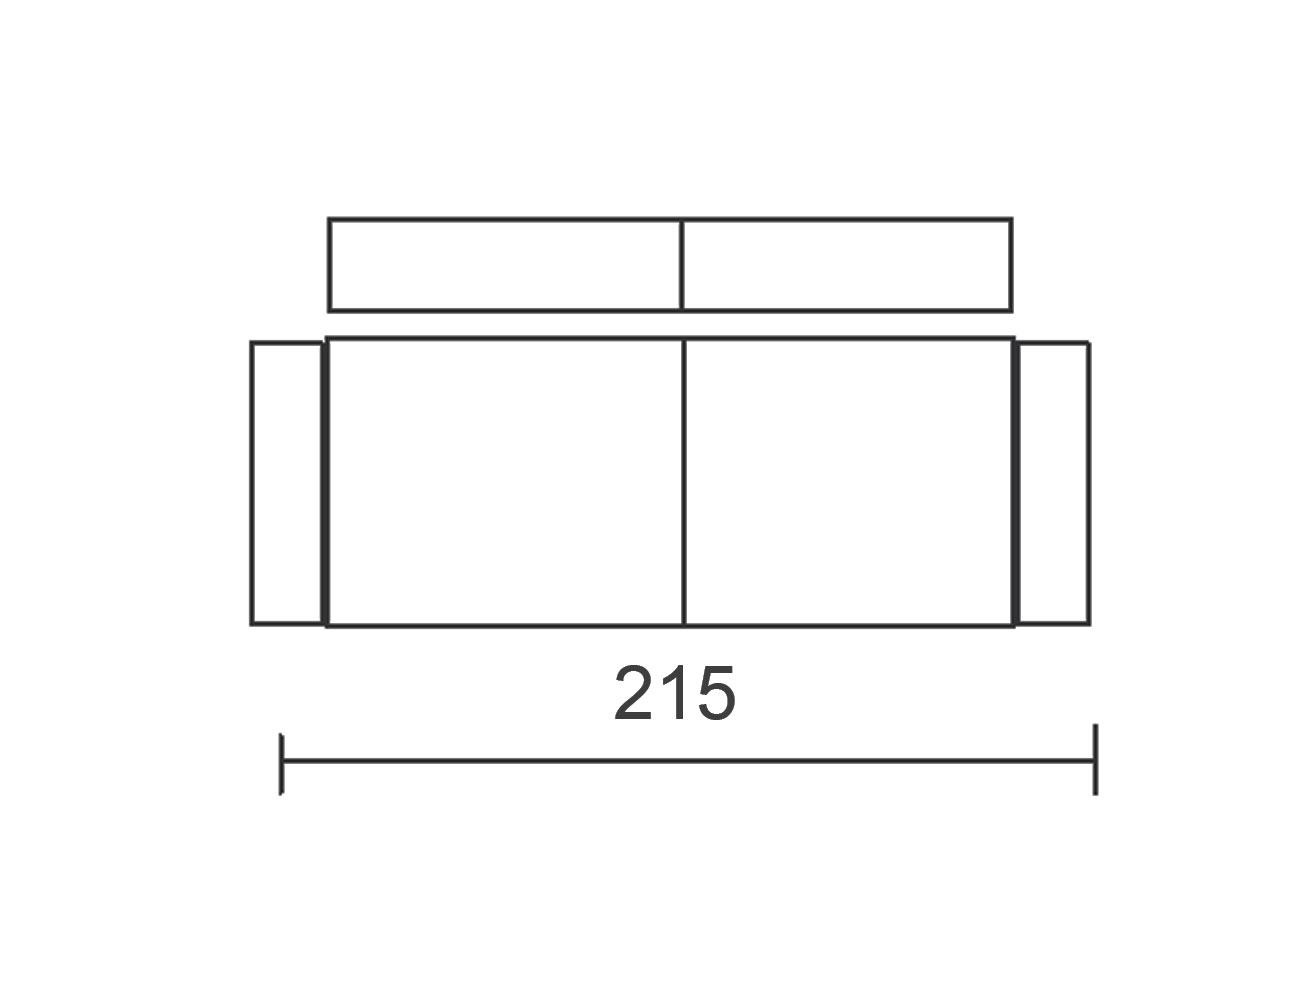 Modulo 215